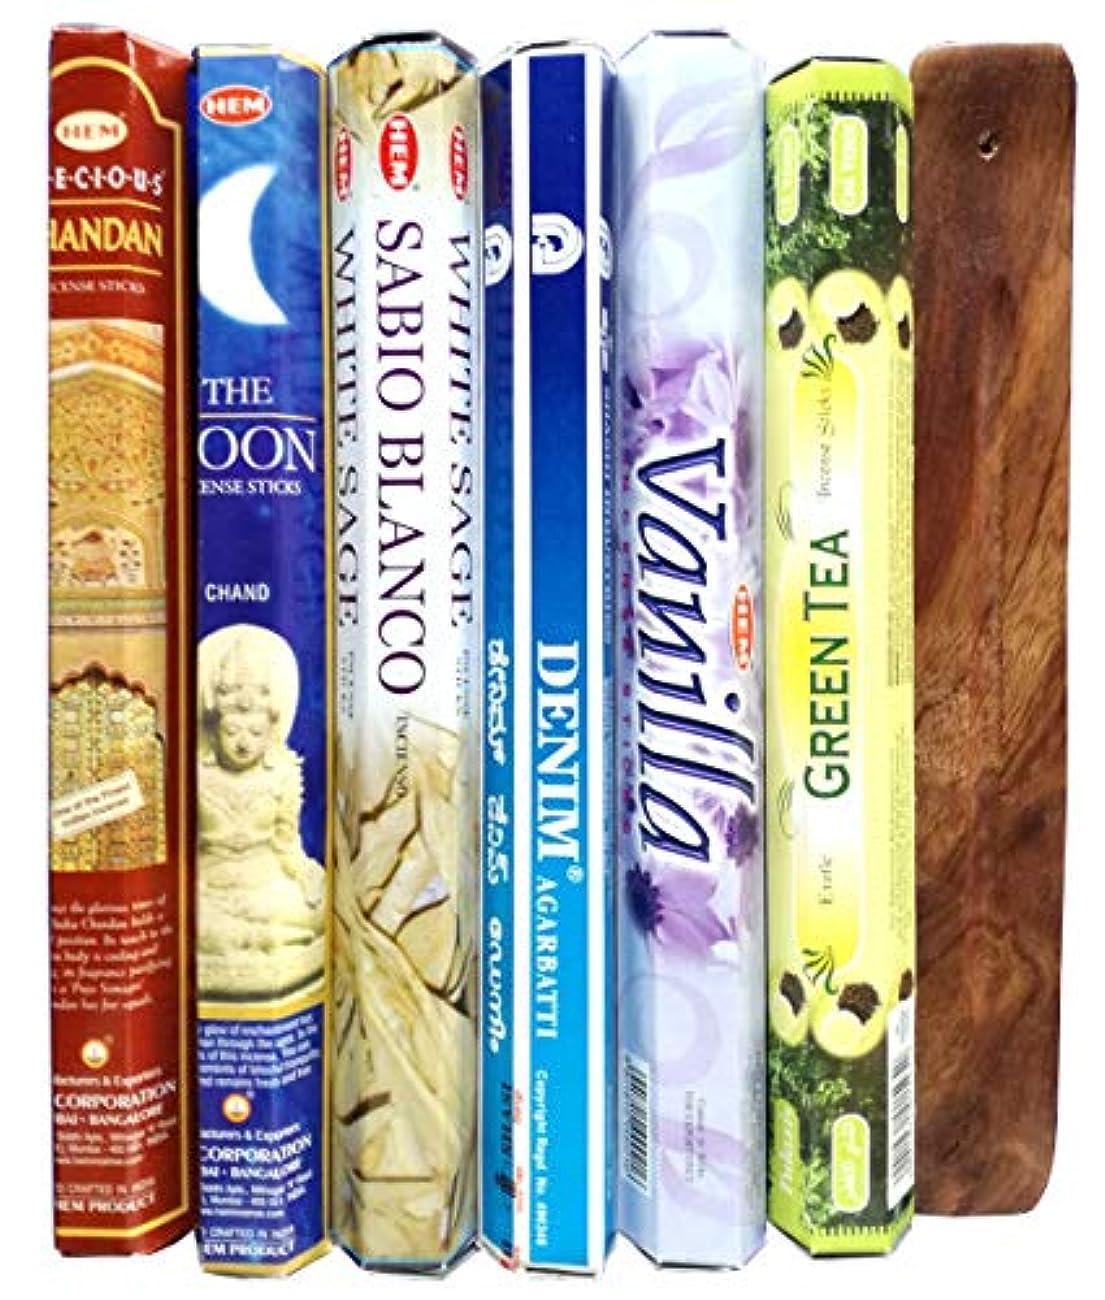 モデレータライナー請負業者人気のインド香6種類と木の香立て付